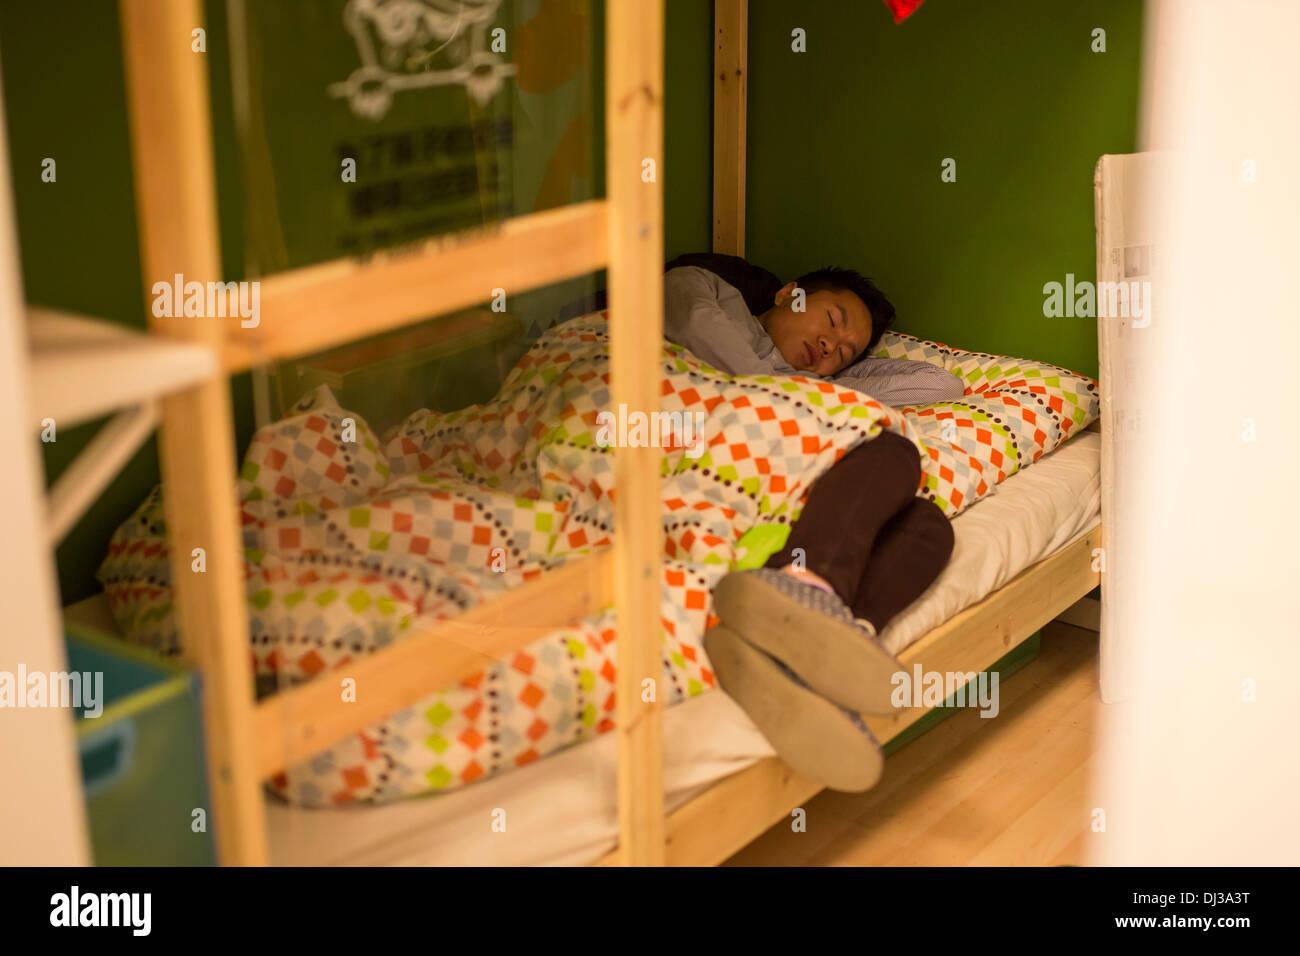 Ikea Poltrone Per Camera Da Letto.Pechino Cina Xix Nov 2013 Gente Che Dormiva Su Mobili Da